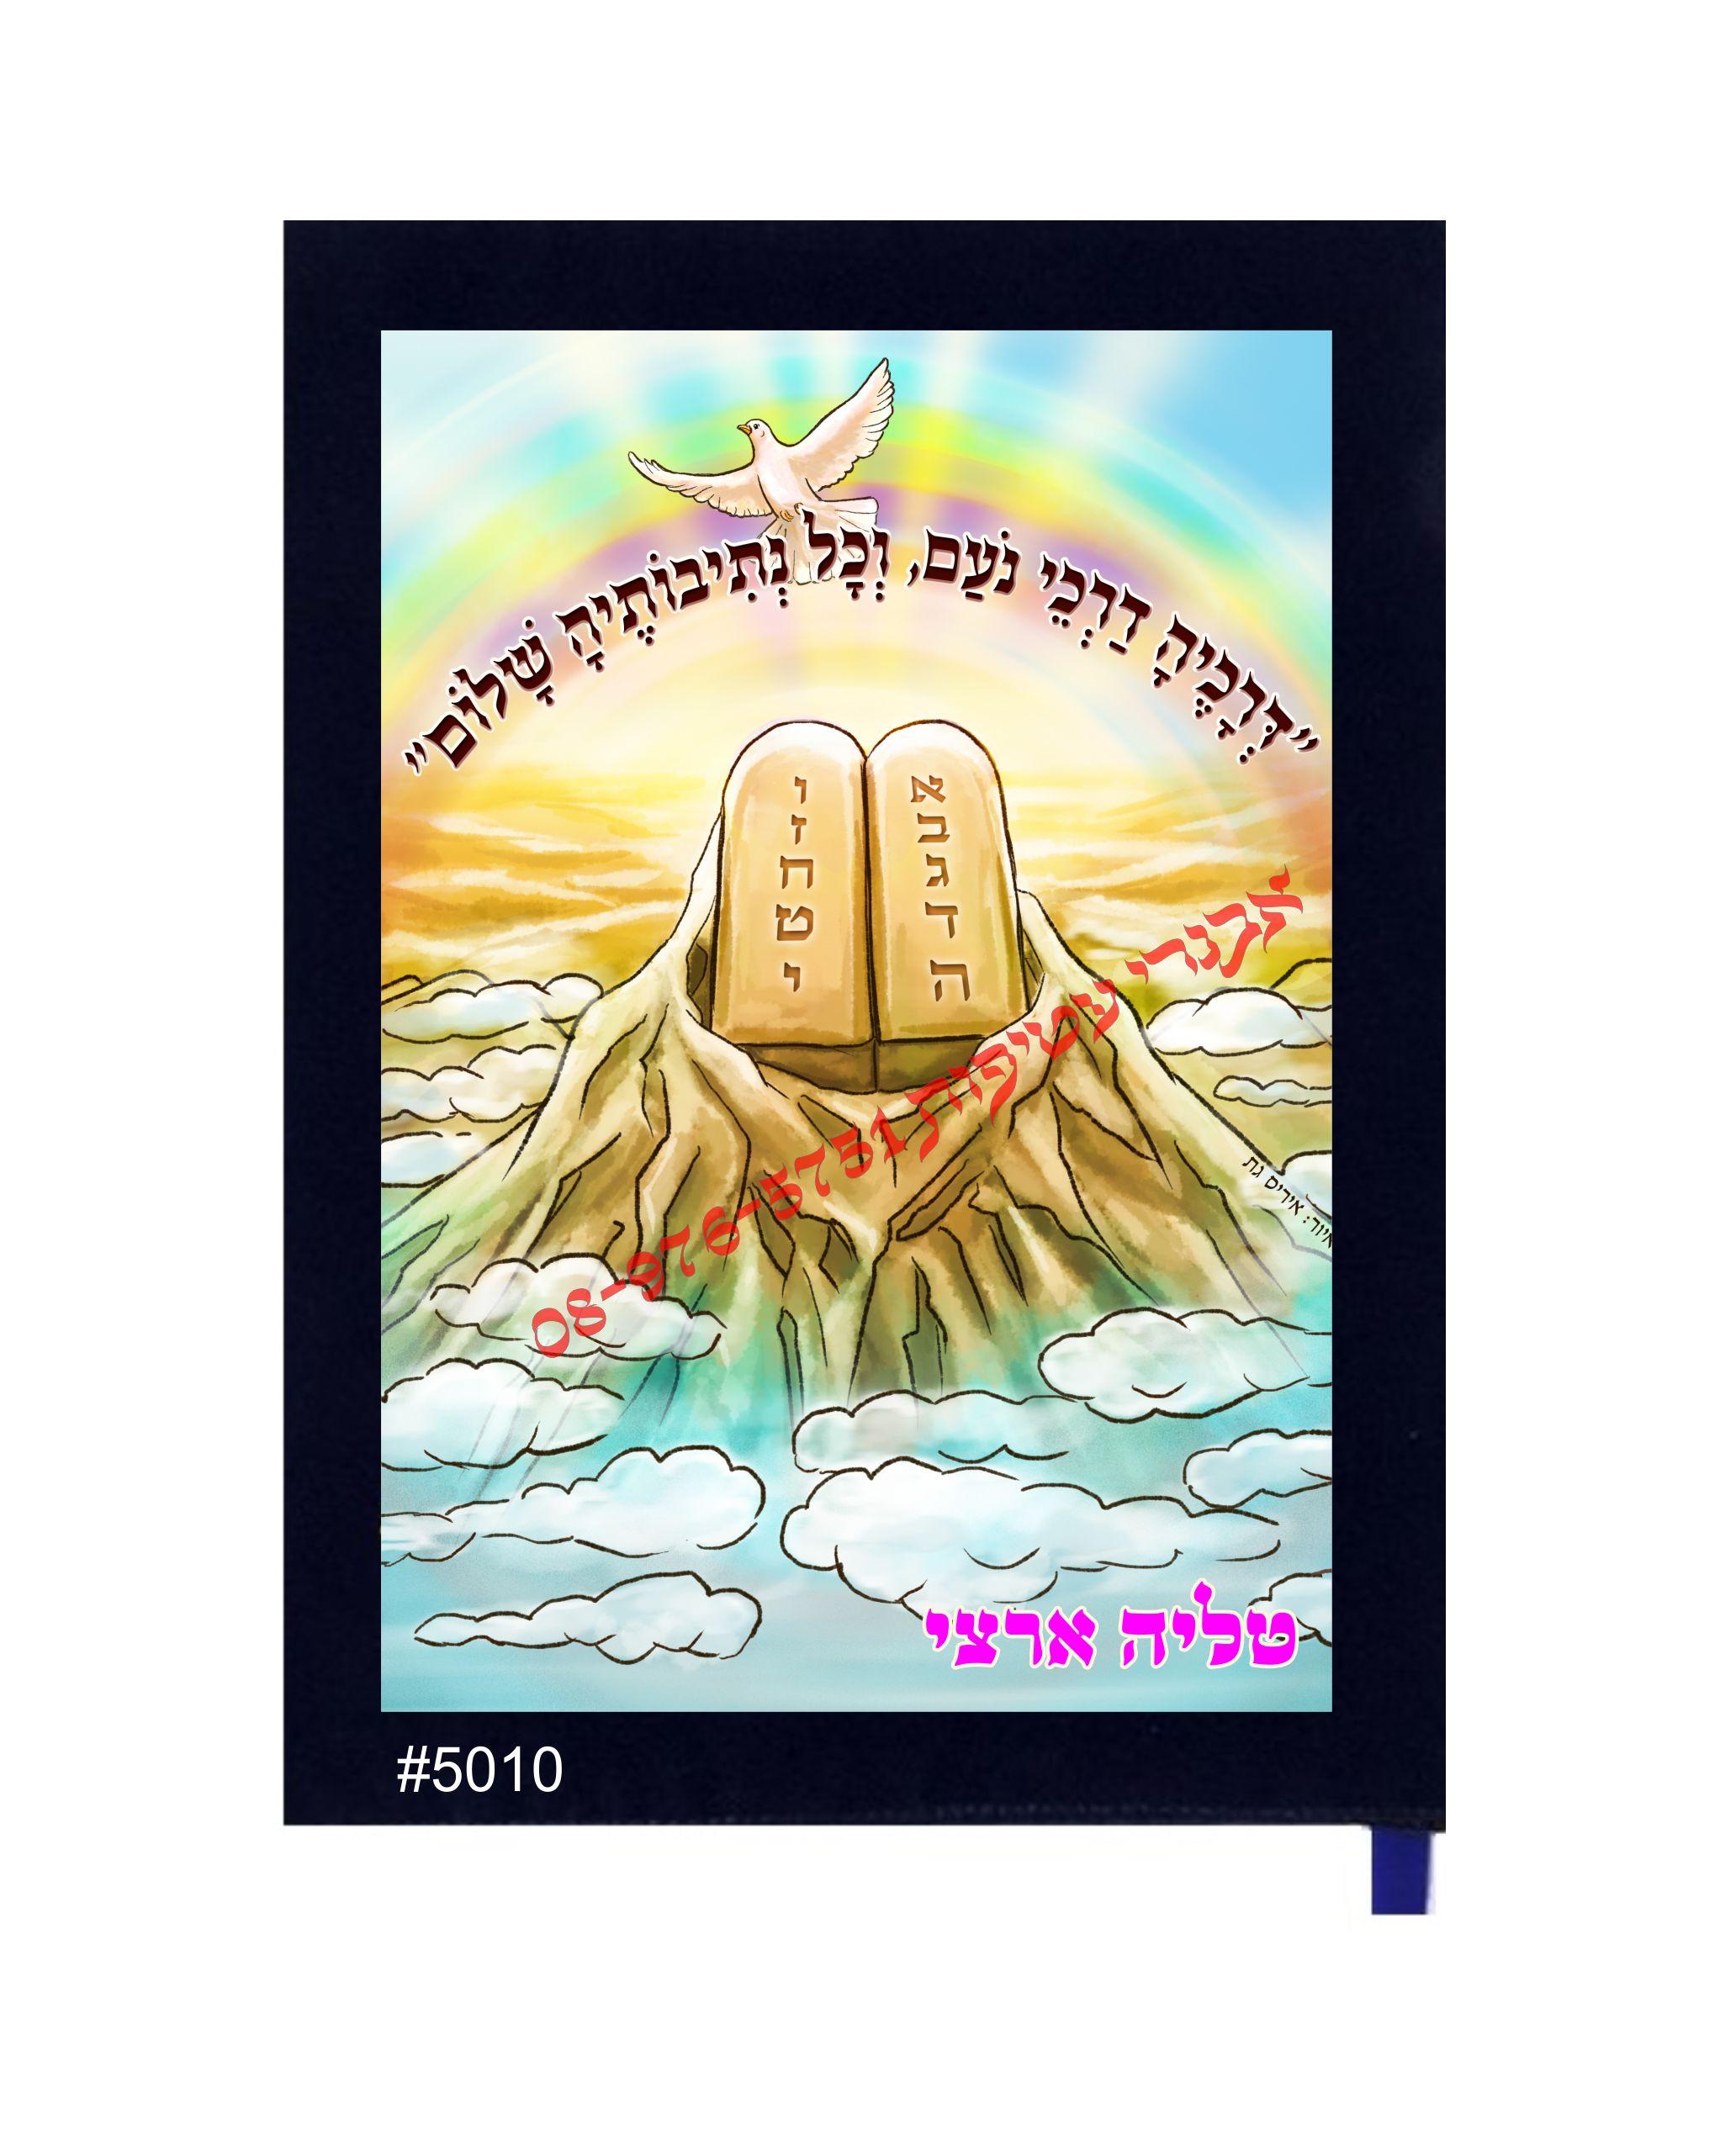 עטיפות לחומש בראשית כריכה לחומש של לוחות הברית-לוחות הברית מעוגלות